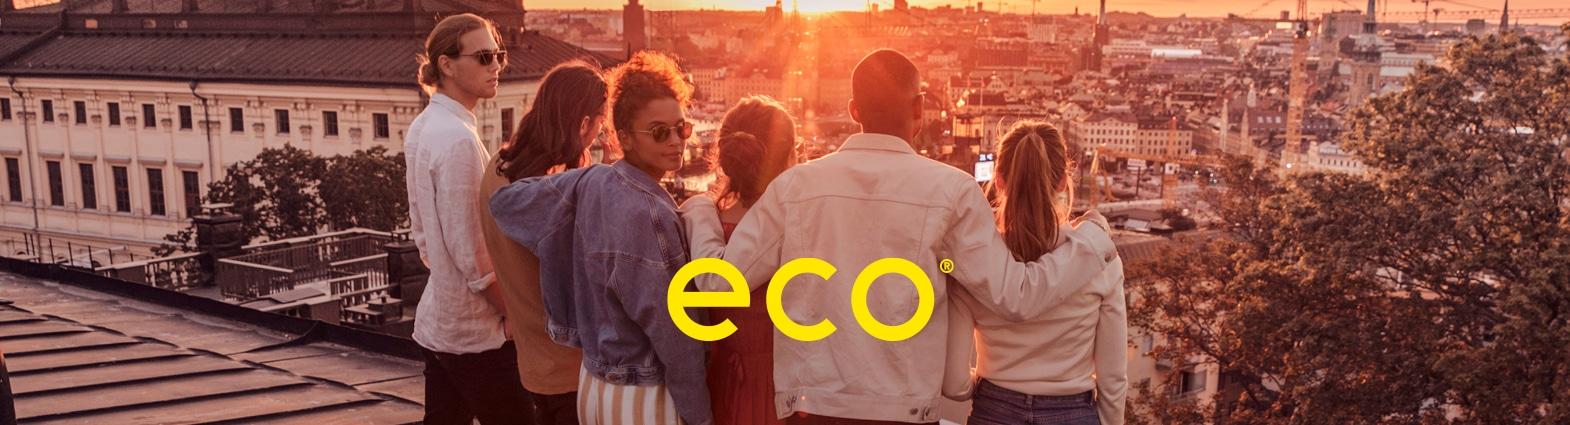 Eco eyewear banner